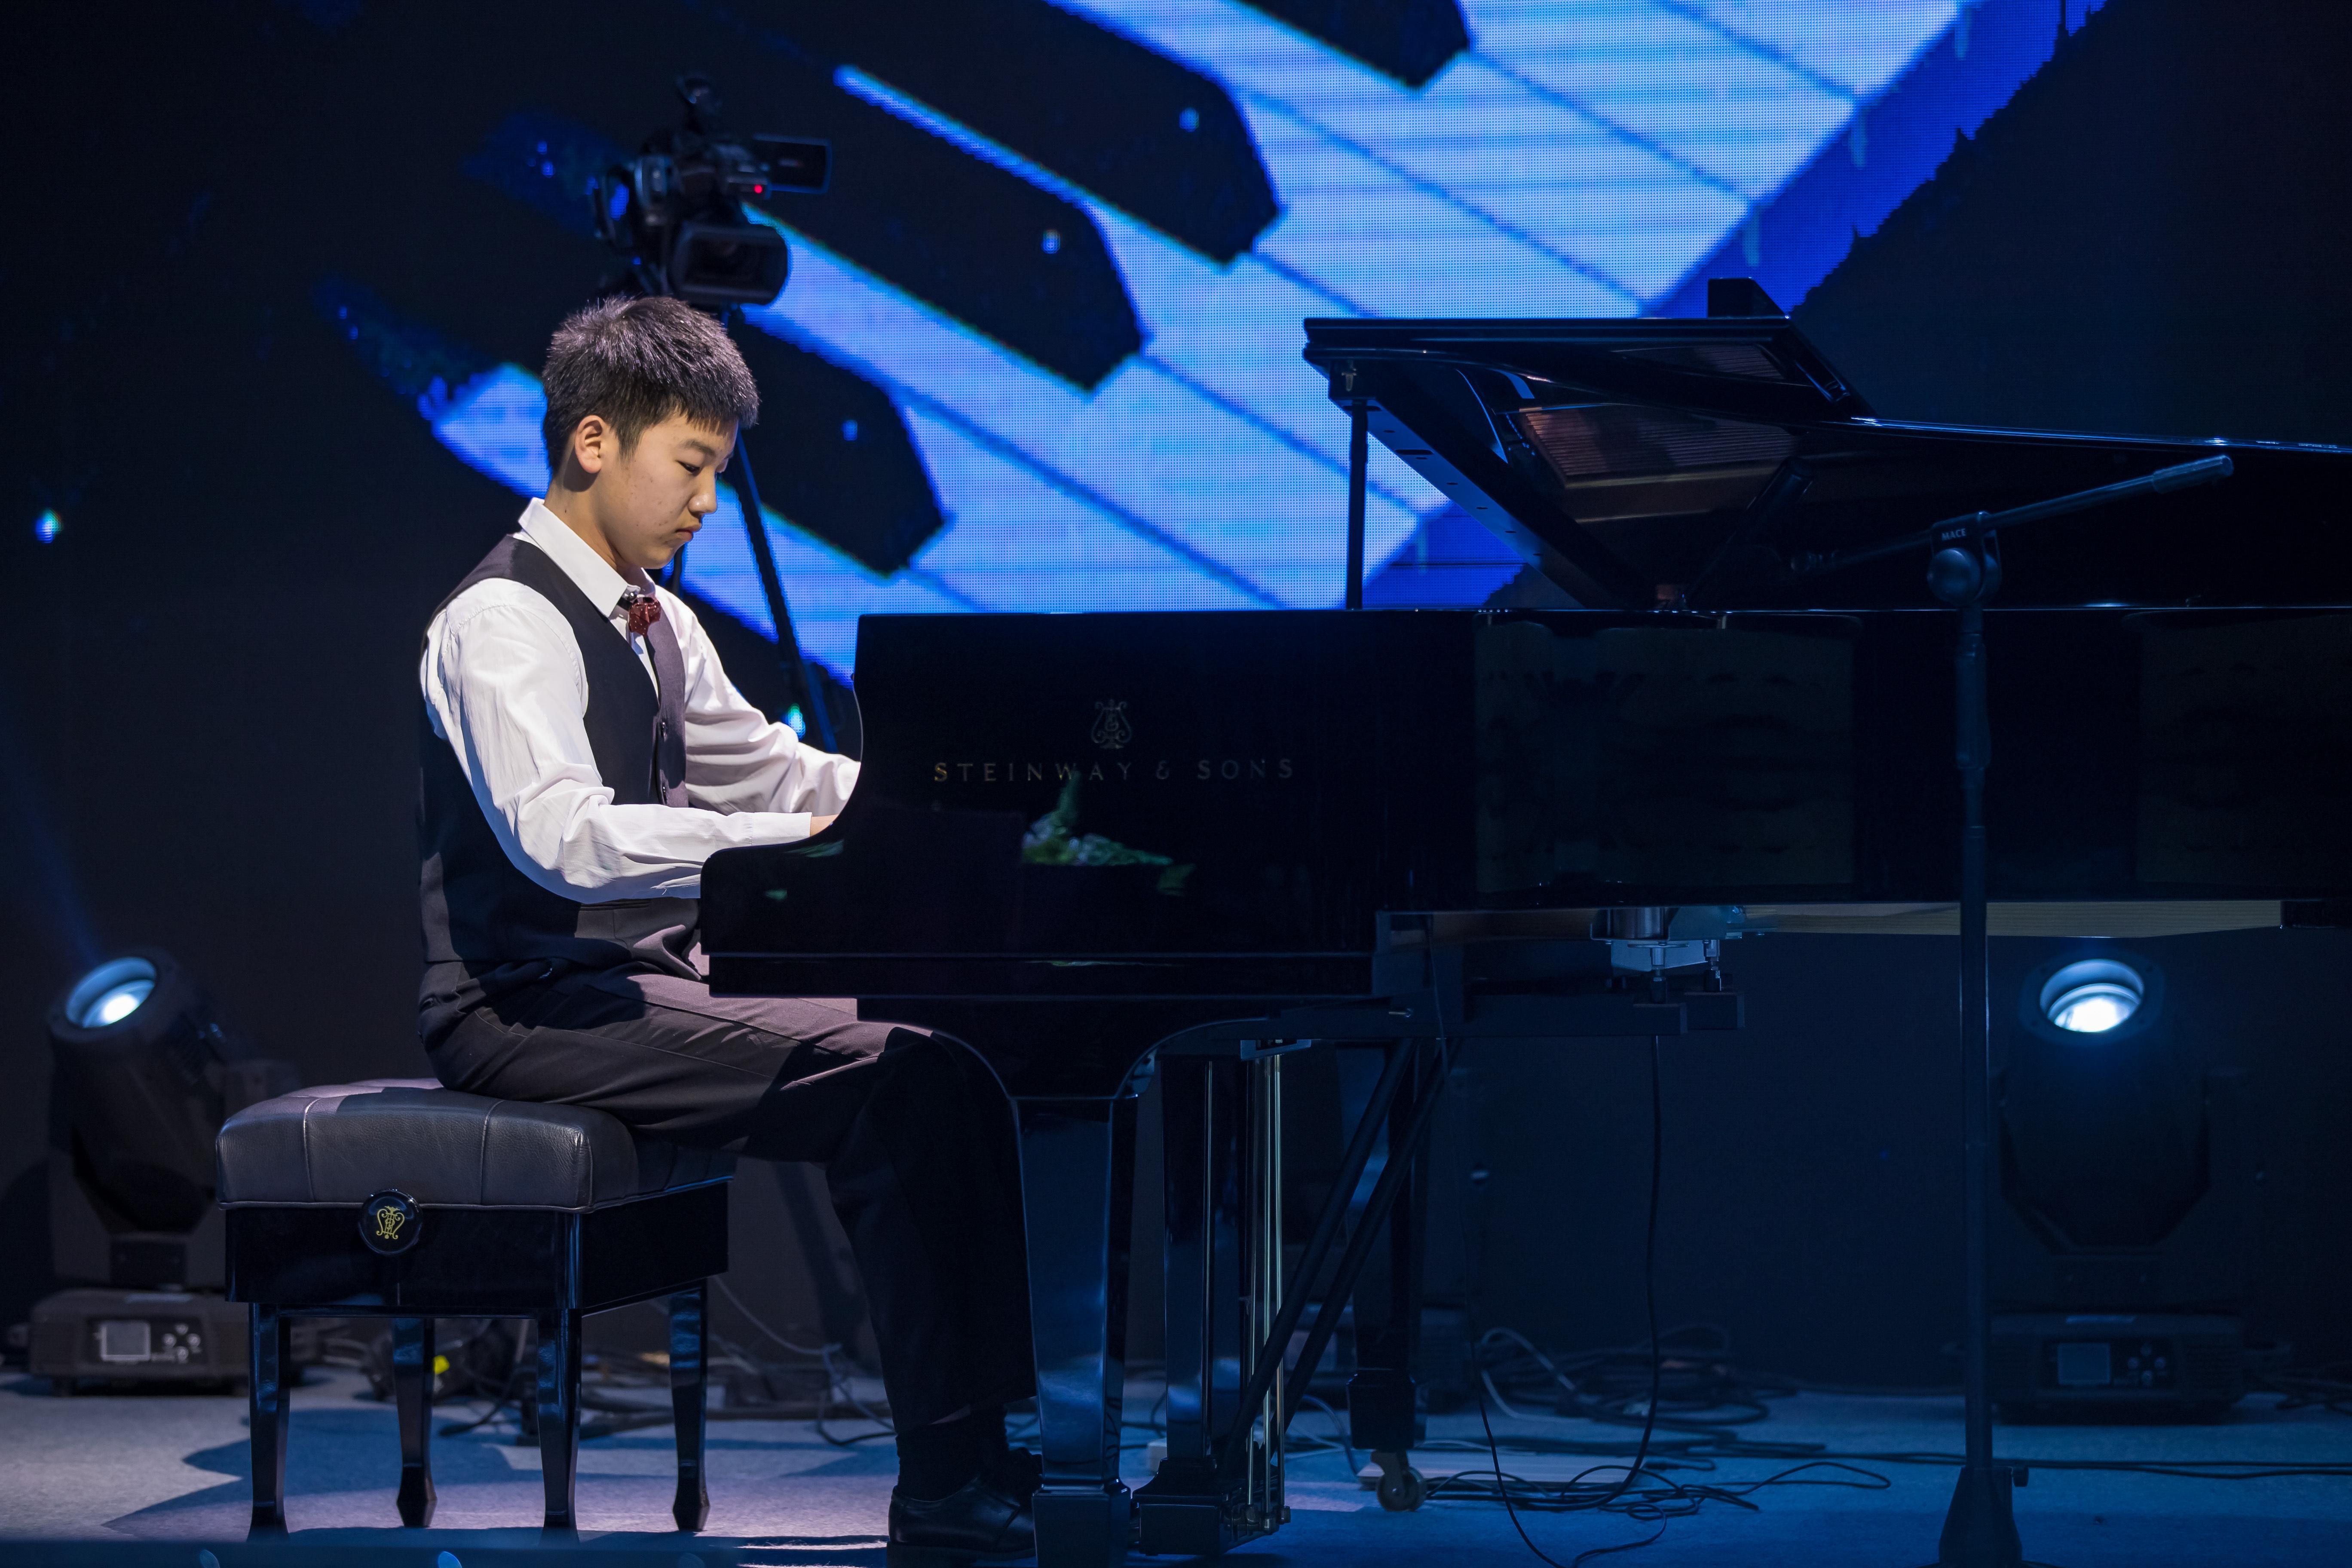 钢琴演奏中的情感表达